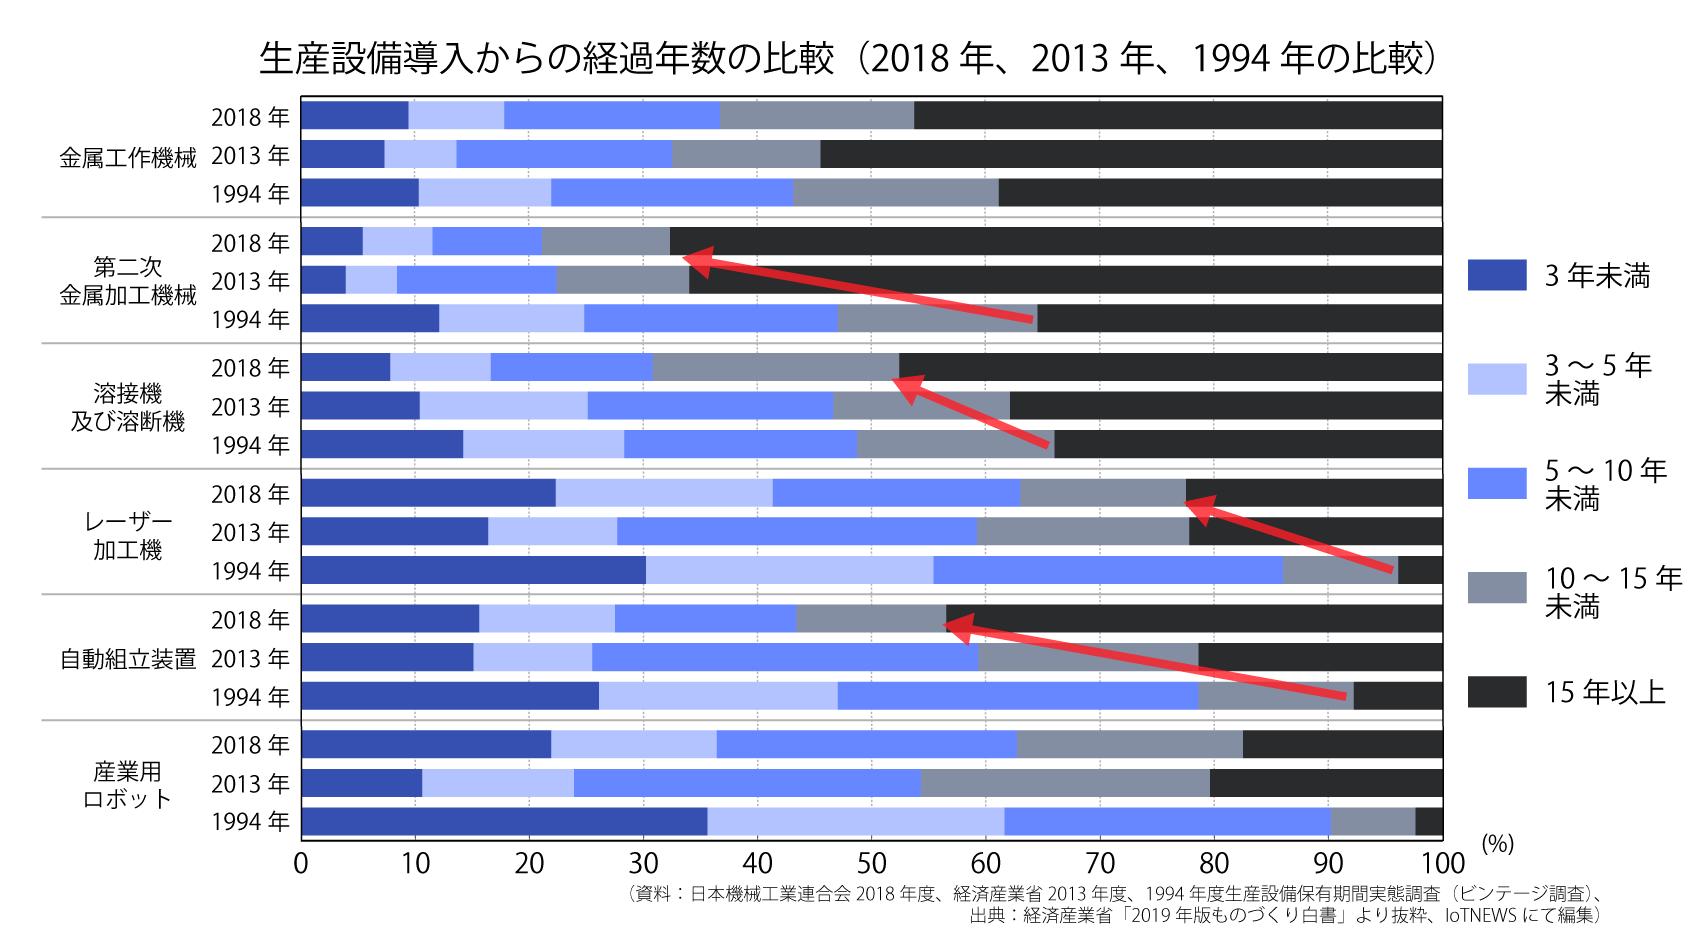 生産設備導入からの経過年数の比較